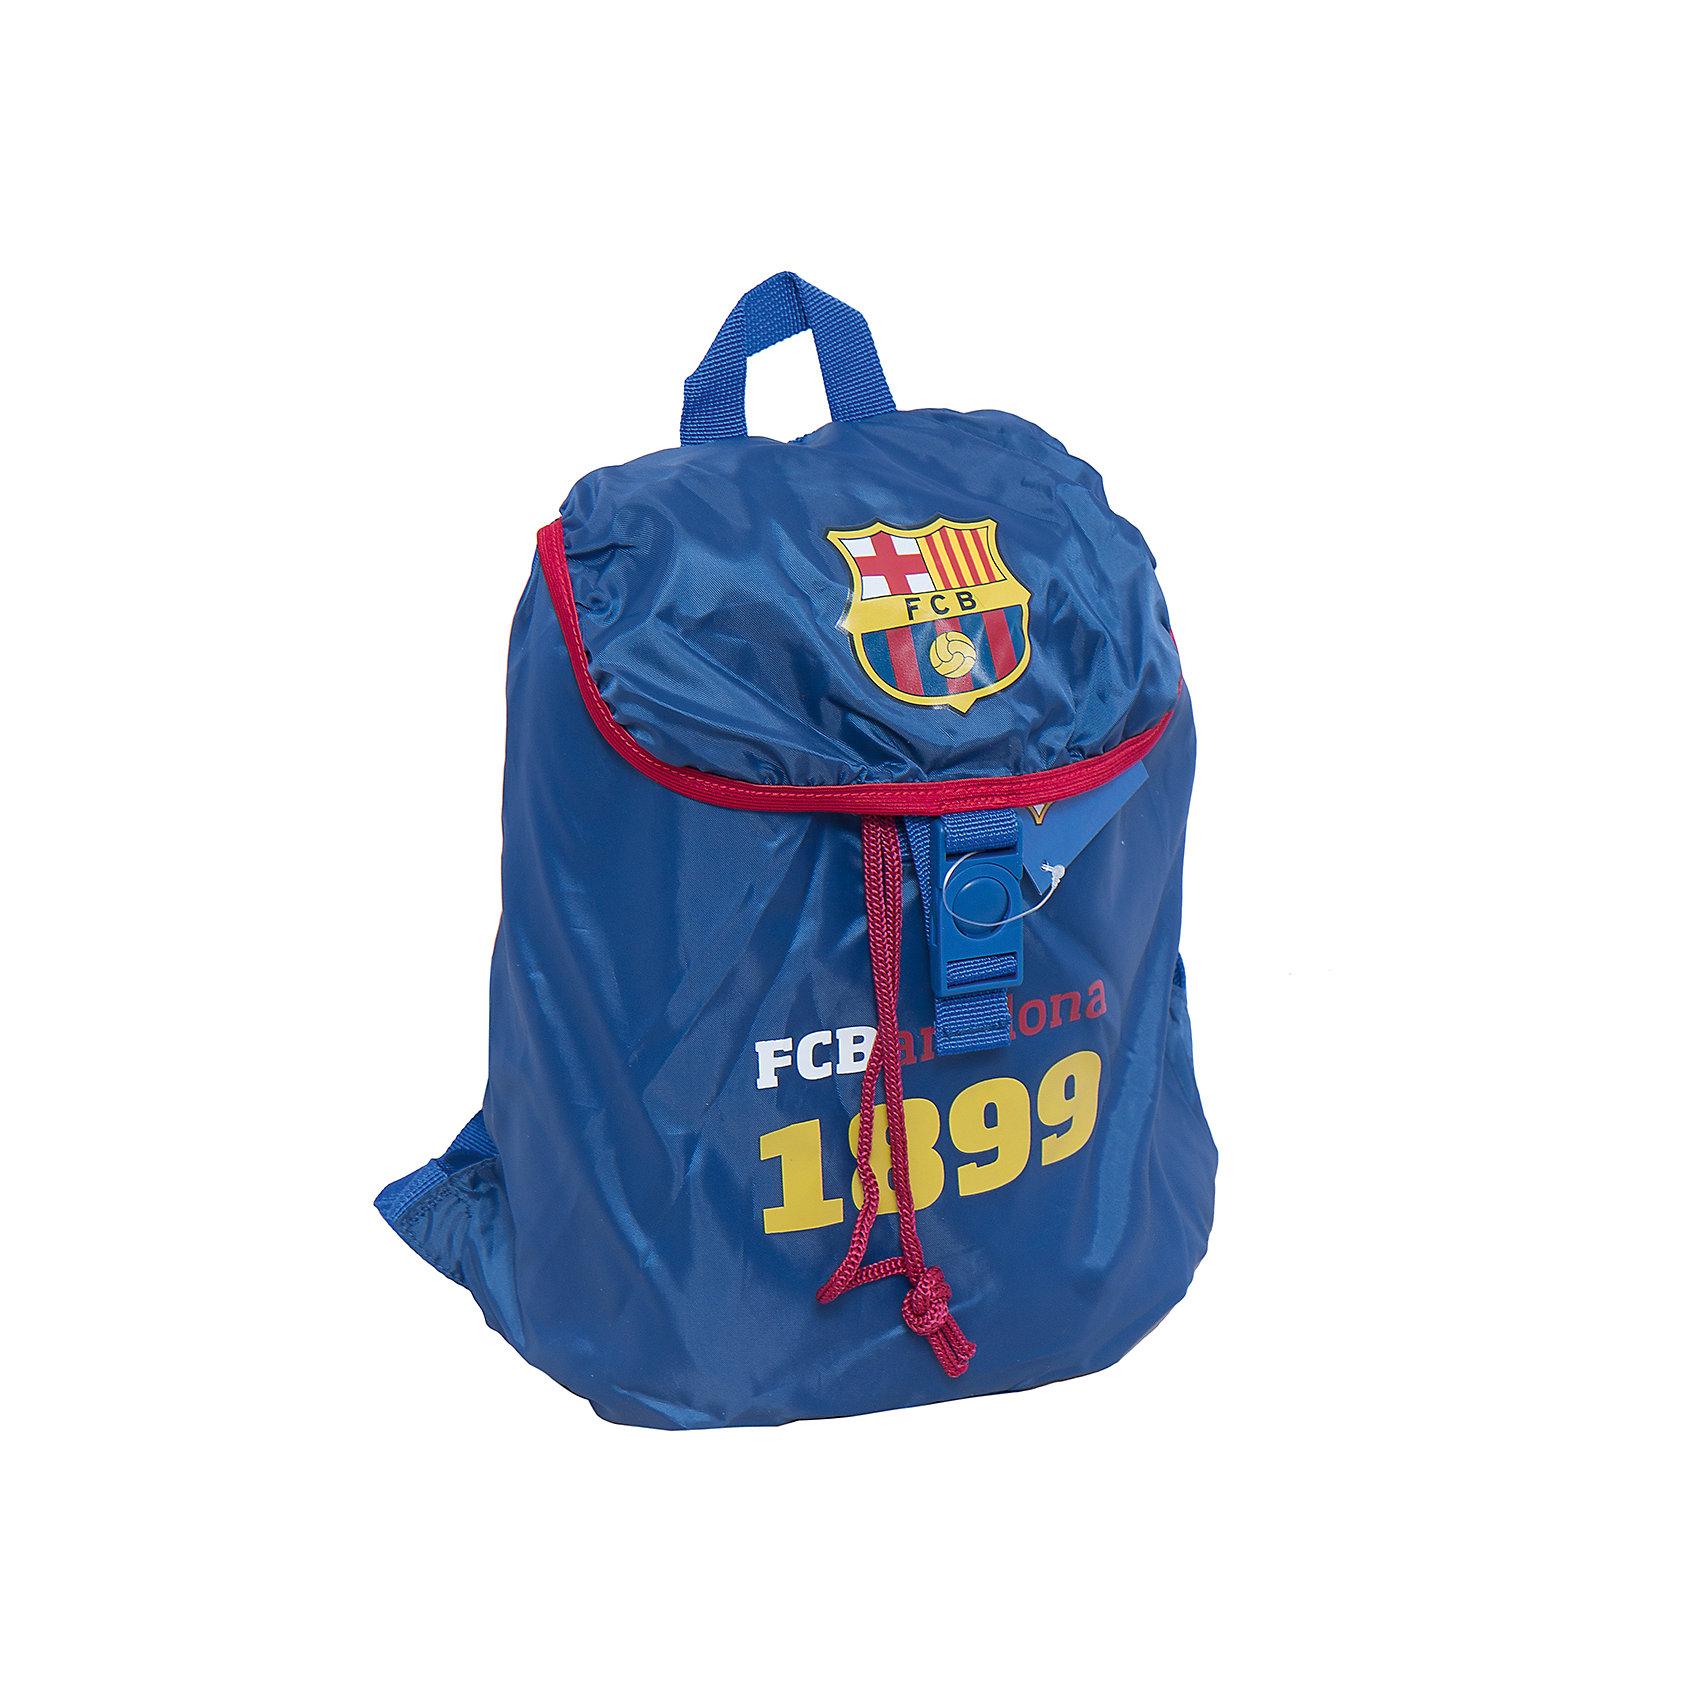 Рюкзак-мешок, Barcelona FCМешки для обуви<br>Характеристики рюкзака-мешок, Barcelona FC:<br><br>- размер 43 * 34 * 12 см <br>- материал: полиэстер.<br>- цвет: синий <br>- принт: Barcelona Fc.<br>- бренд: Kinderline.<br><br>Рюкзак-мешок Barcelona – это молодежный рюкзак и подойдет для учеников средних классов. Стильный и оригинальный с символикой Barcelona FC. Имеет одно вместительное отделение и подойдет на любой случай. В него можно сложить одежду для спортивных тренировок, еду для похода или просто, необходимые вещи.<br>Комплектность – рюкзак без наполнения.<br><br>Рюкзак-мешок, Barcelona FC можно купить в нашем интернет-магазине.<br><br>Ширина мм: 430<br>Глубина мм: 340<br>Высота мм: 120<br>Вес г: 125<br>Возраст от месяцев: 156<br>Возраст до месяцев: 180<br>Пол: Мужской<br>Возраст: Детский<br>SKU: 5218400